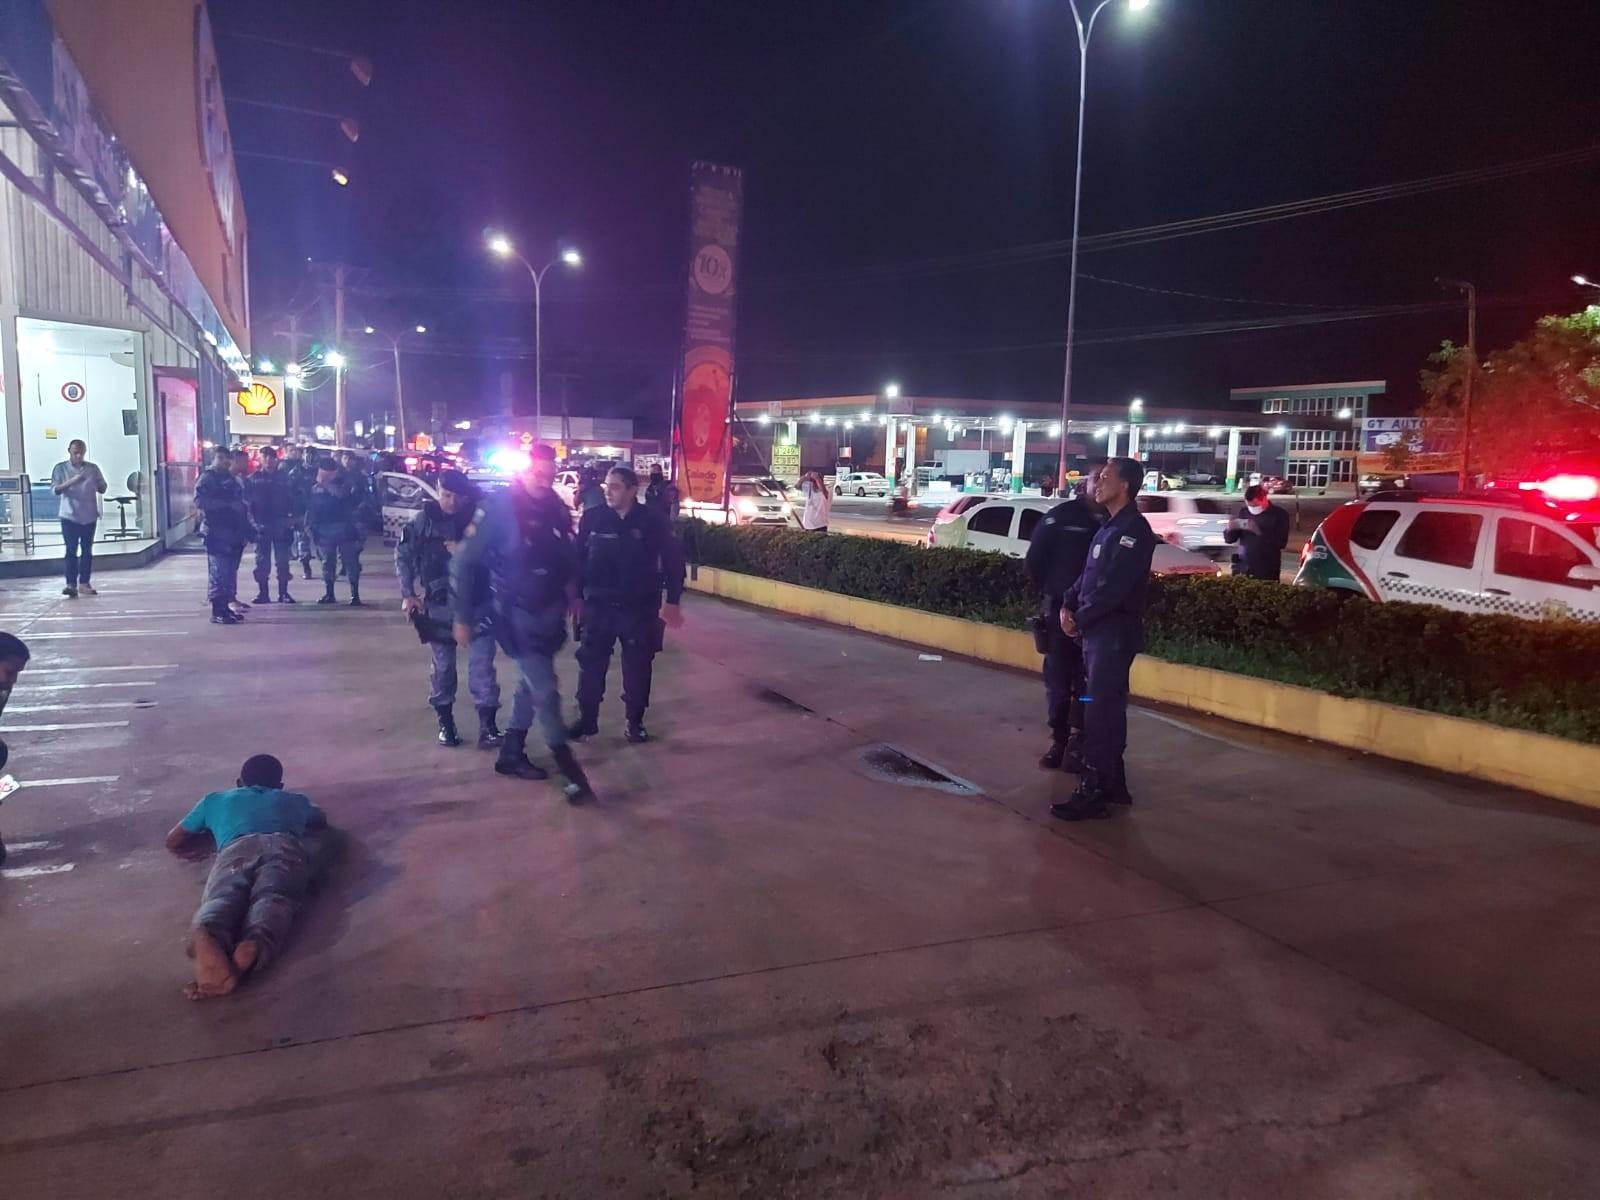 Homem é baleado no rosto por PM ao brincar simulando assalto com arma falsa em loja em MT